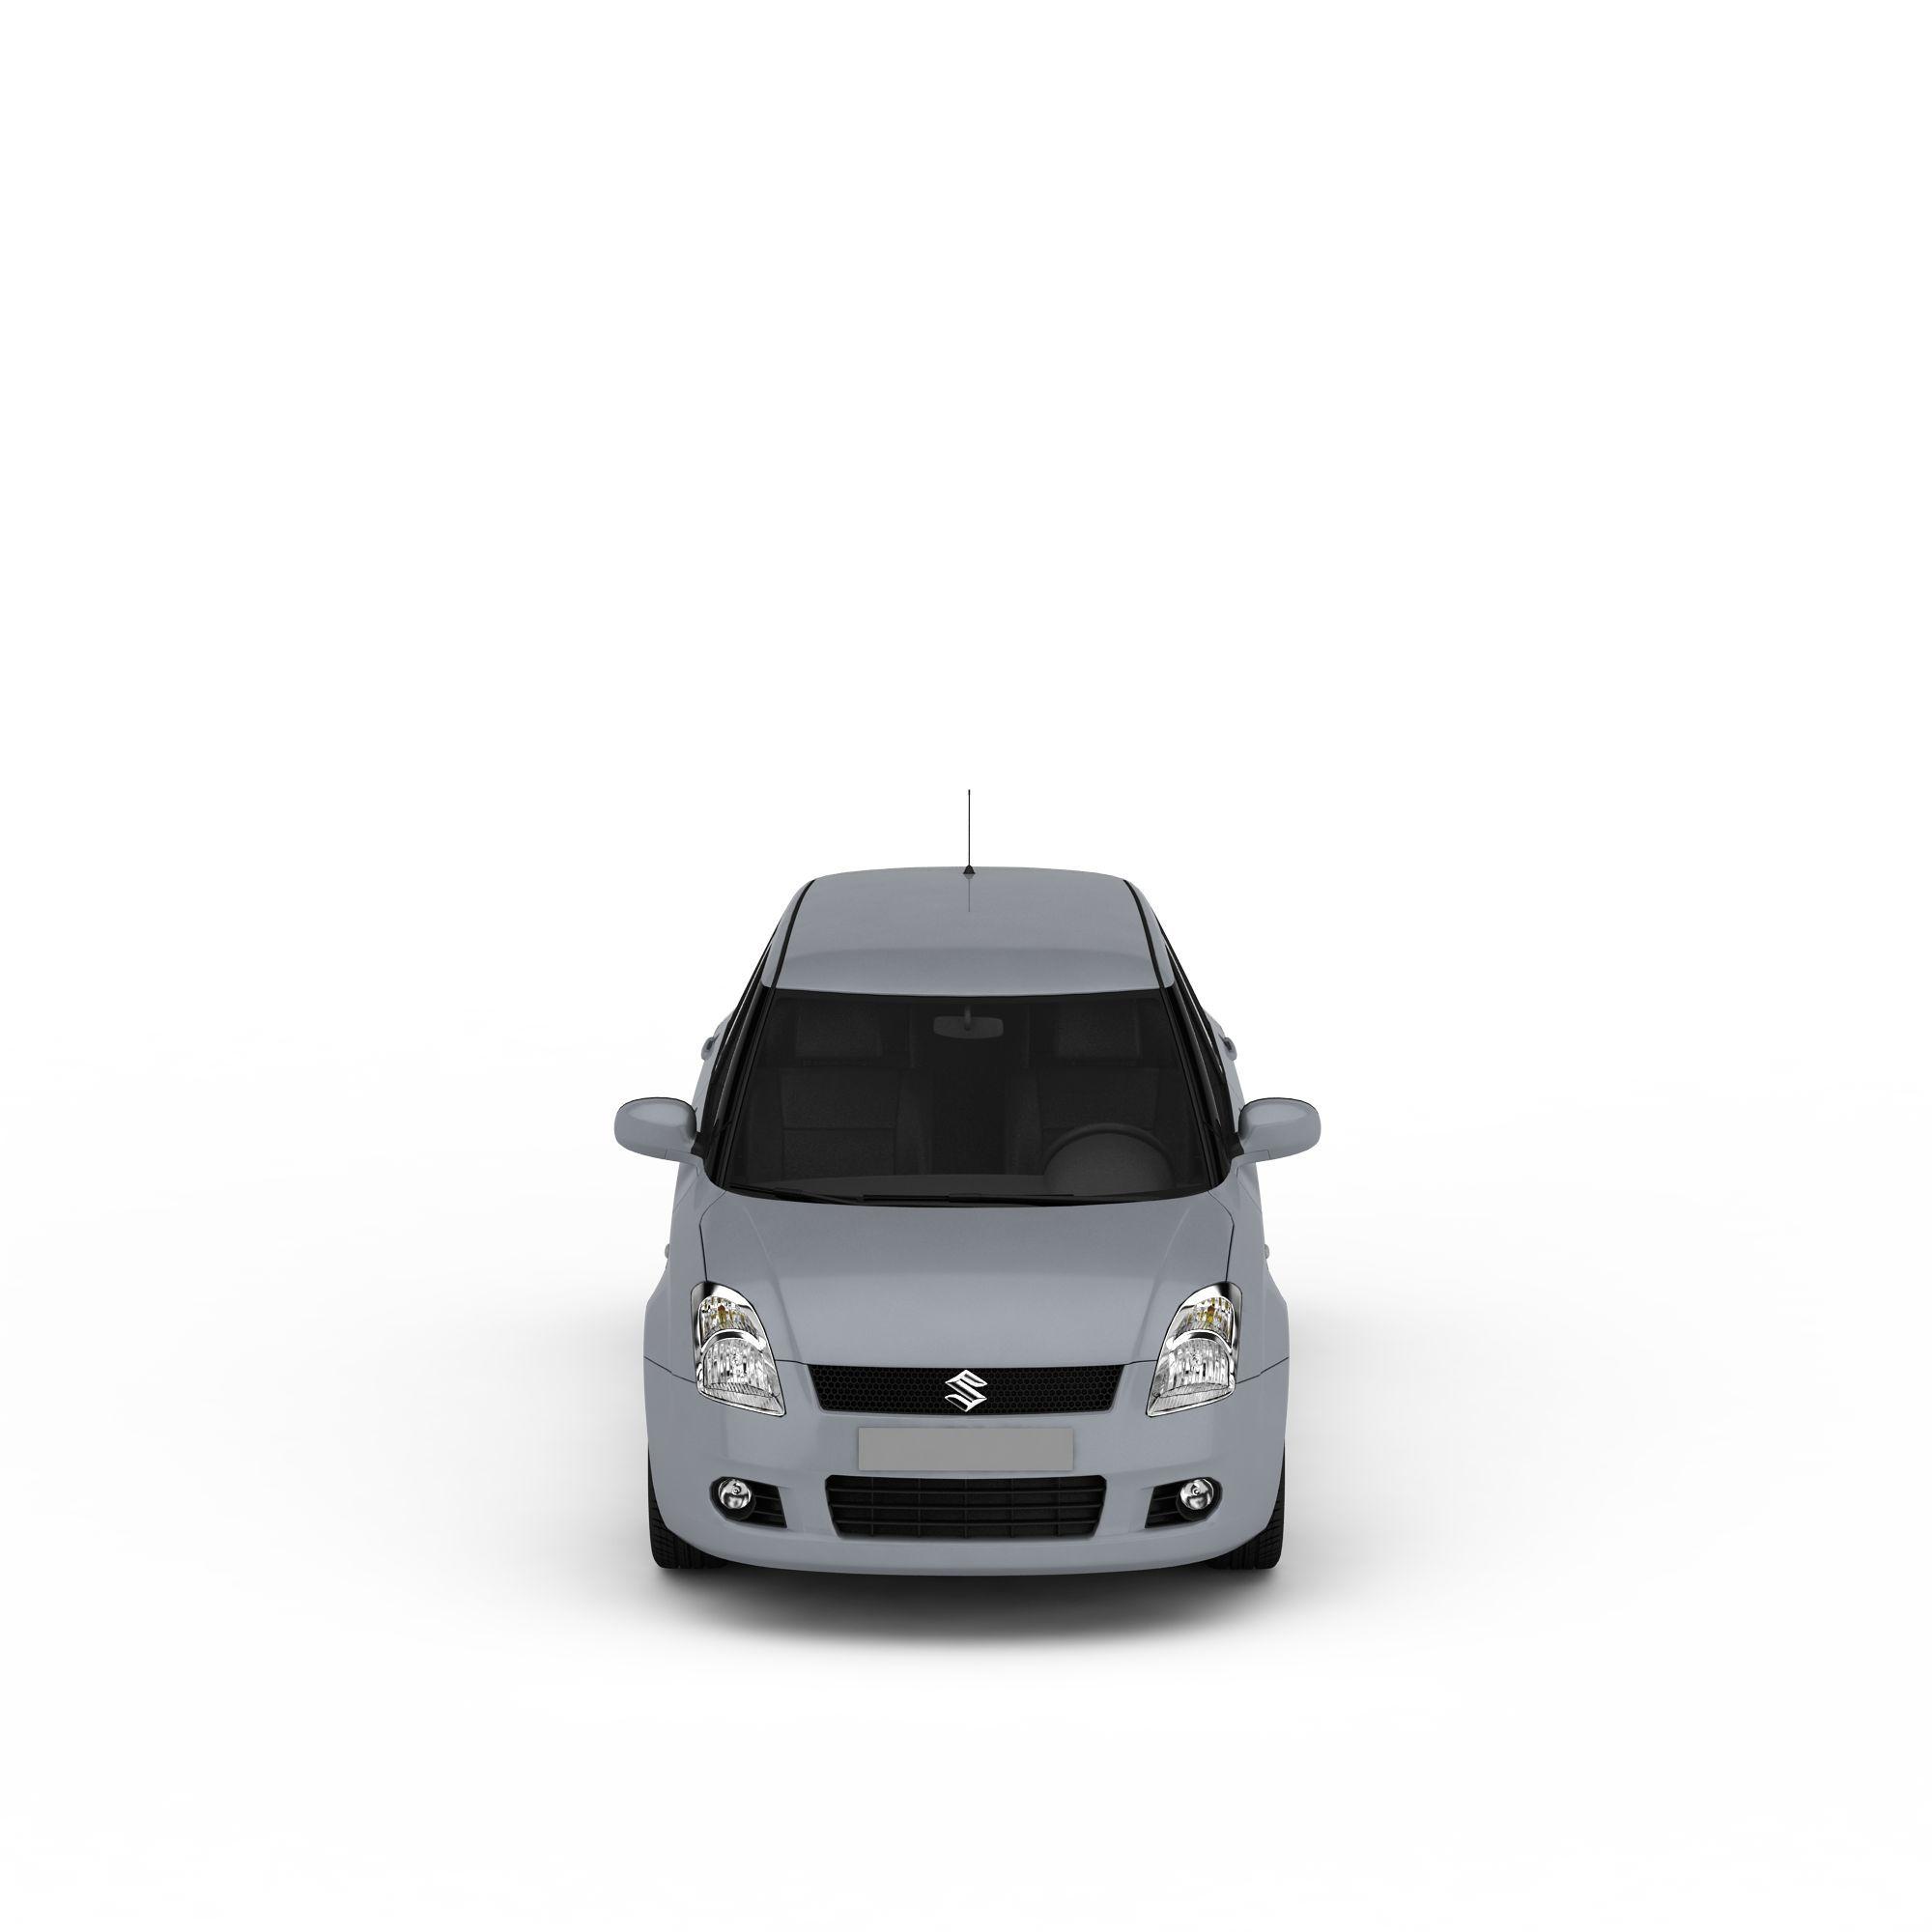 银灰色铃木汽车图片_银灰色铃木汽车png图片素材_铃木